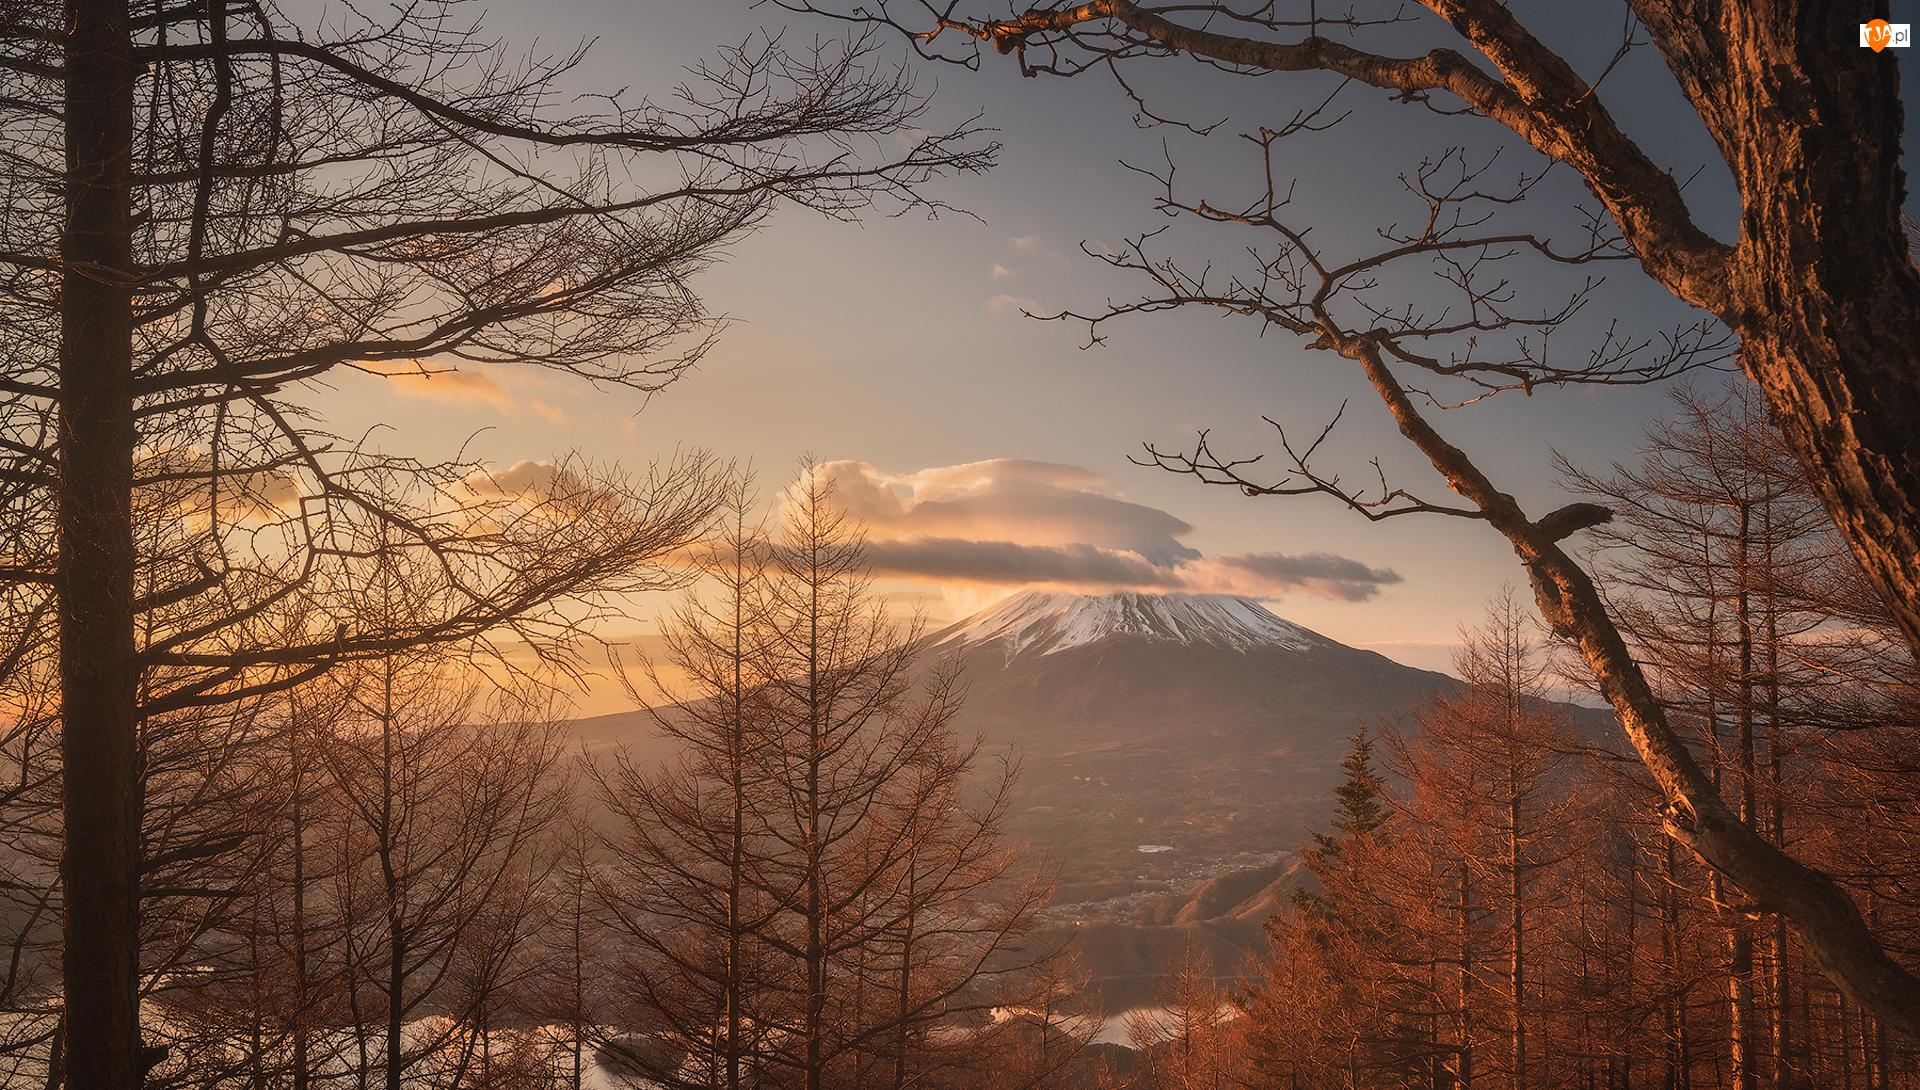 Góra, Stratowulkan, Japonia, Drzewa, Wyspa Honsiu, Chmury, Fudżi